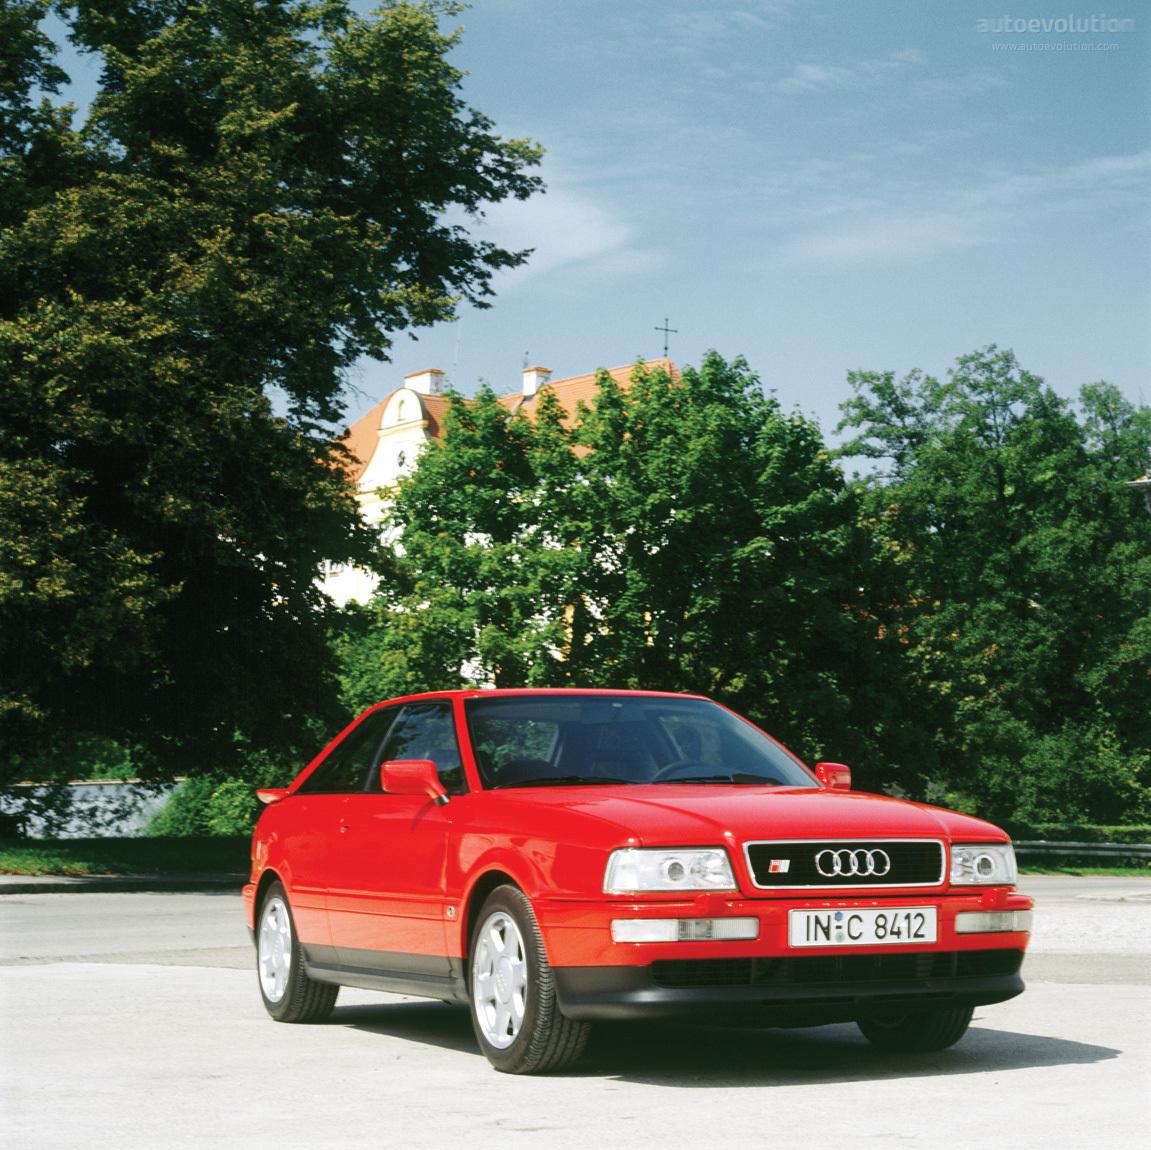 Audi Coupe S2 Quattro 1990 1991 1992 1993 1994 1995